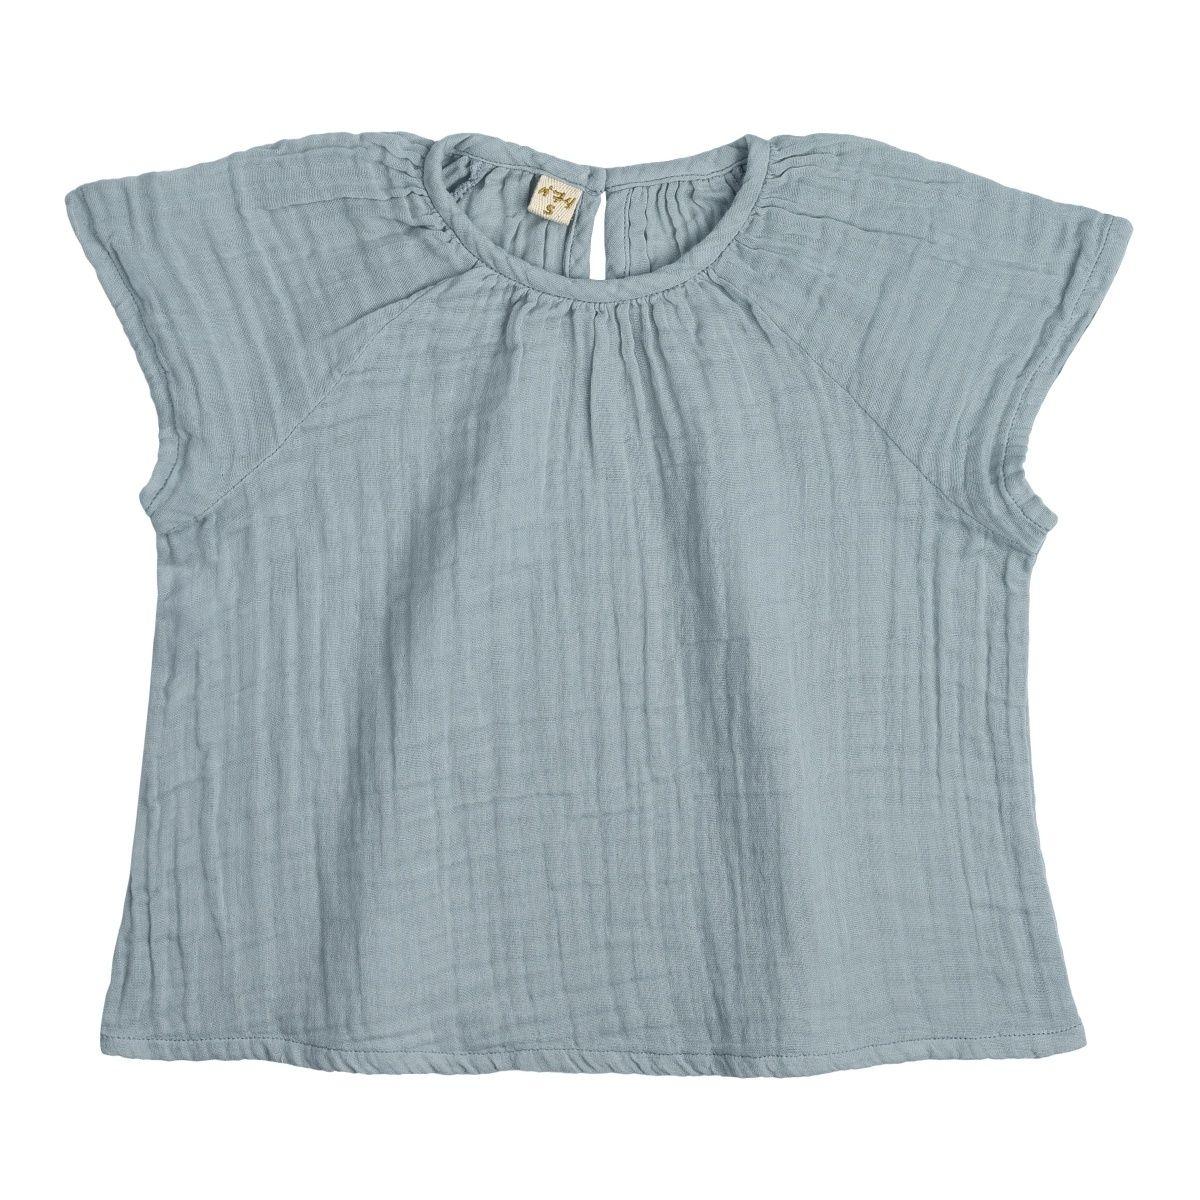 Bluzka dziecięca Clara zgaszony błękit - Numero 74